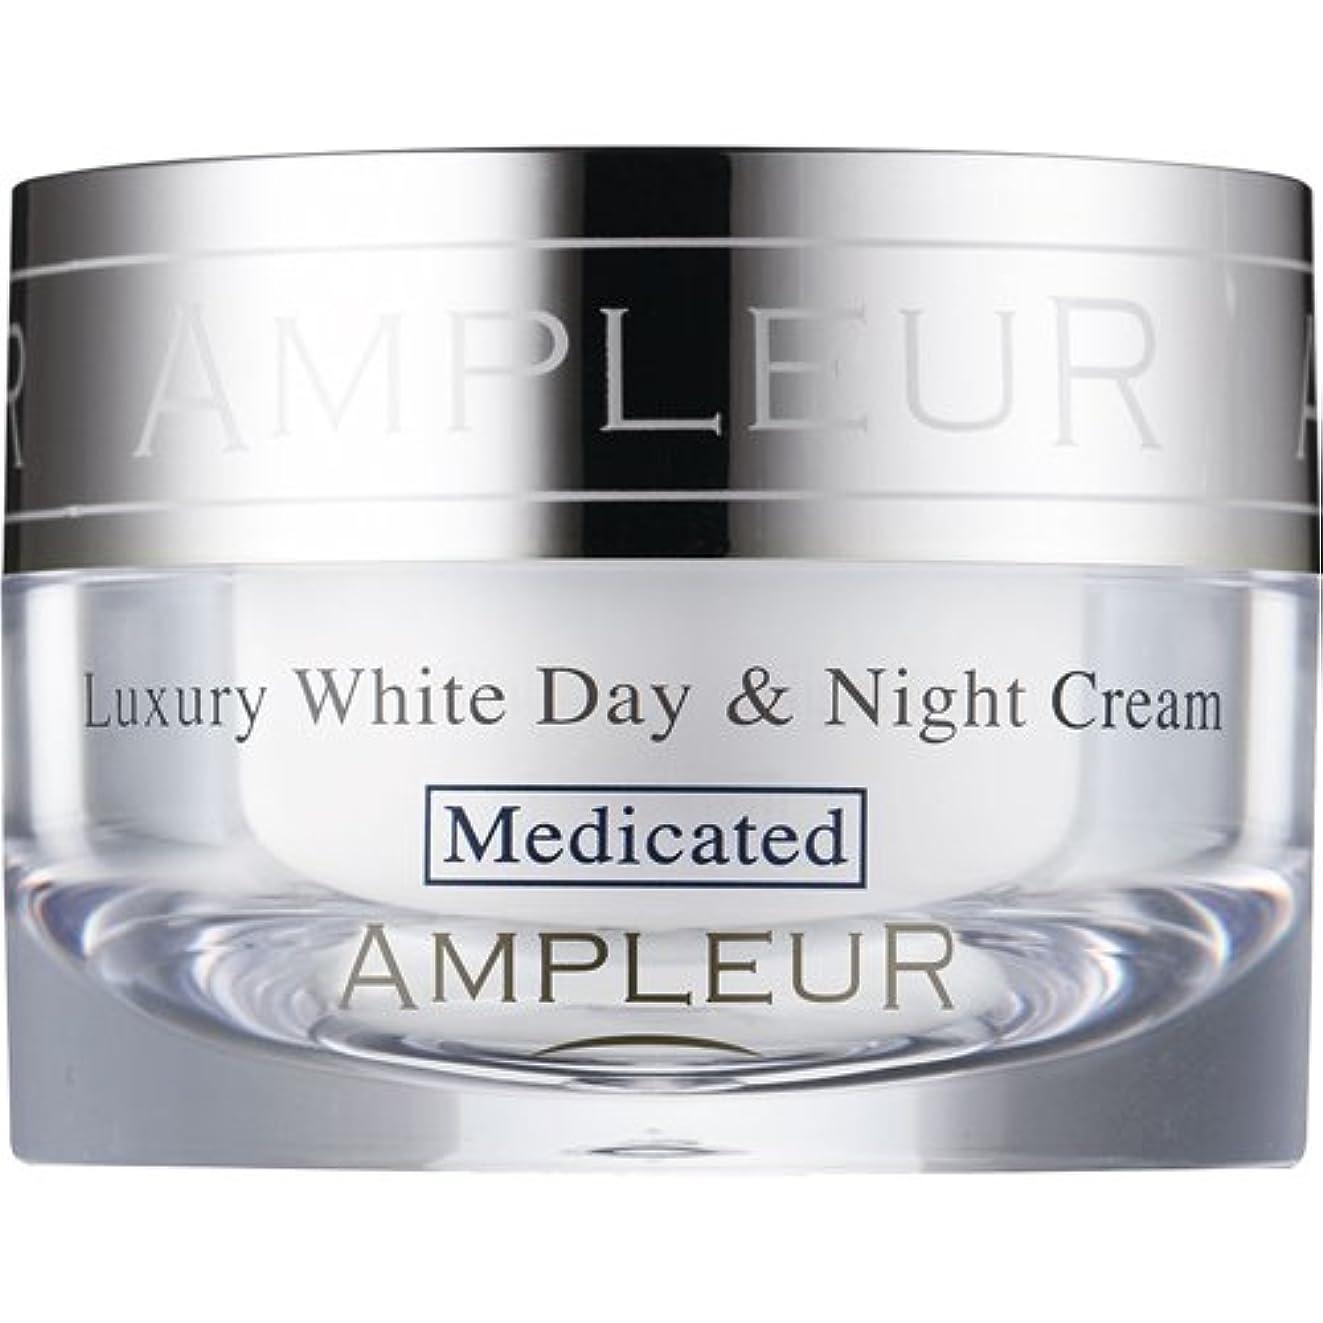 ええ着服イノセンスAMPLEUR(アンプルール) ラグジュアリーホワイト 薬用デイ&ナイトクリーム 30g